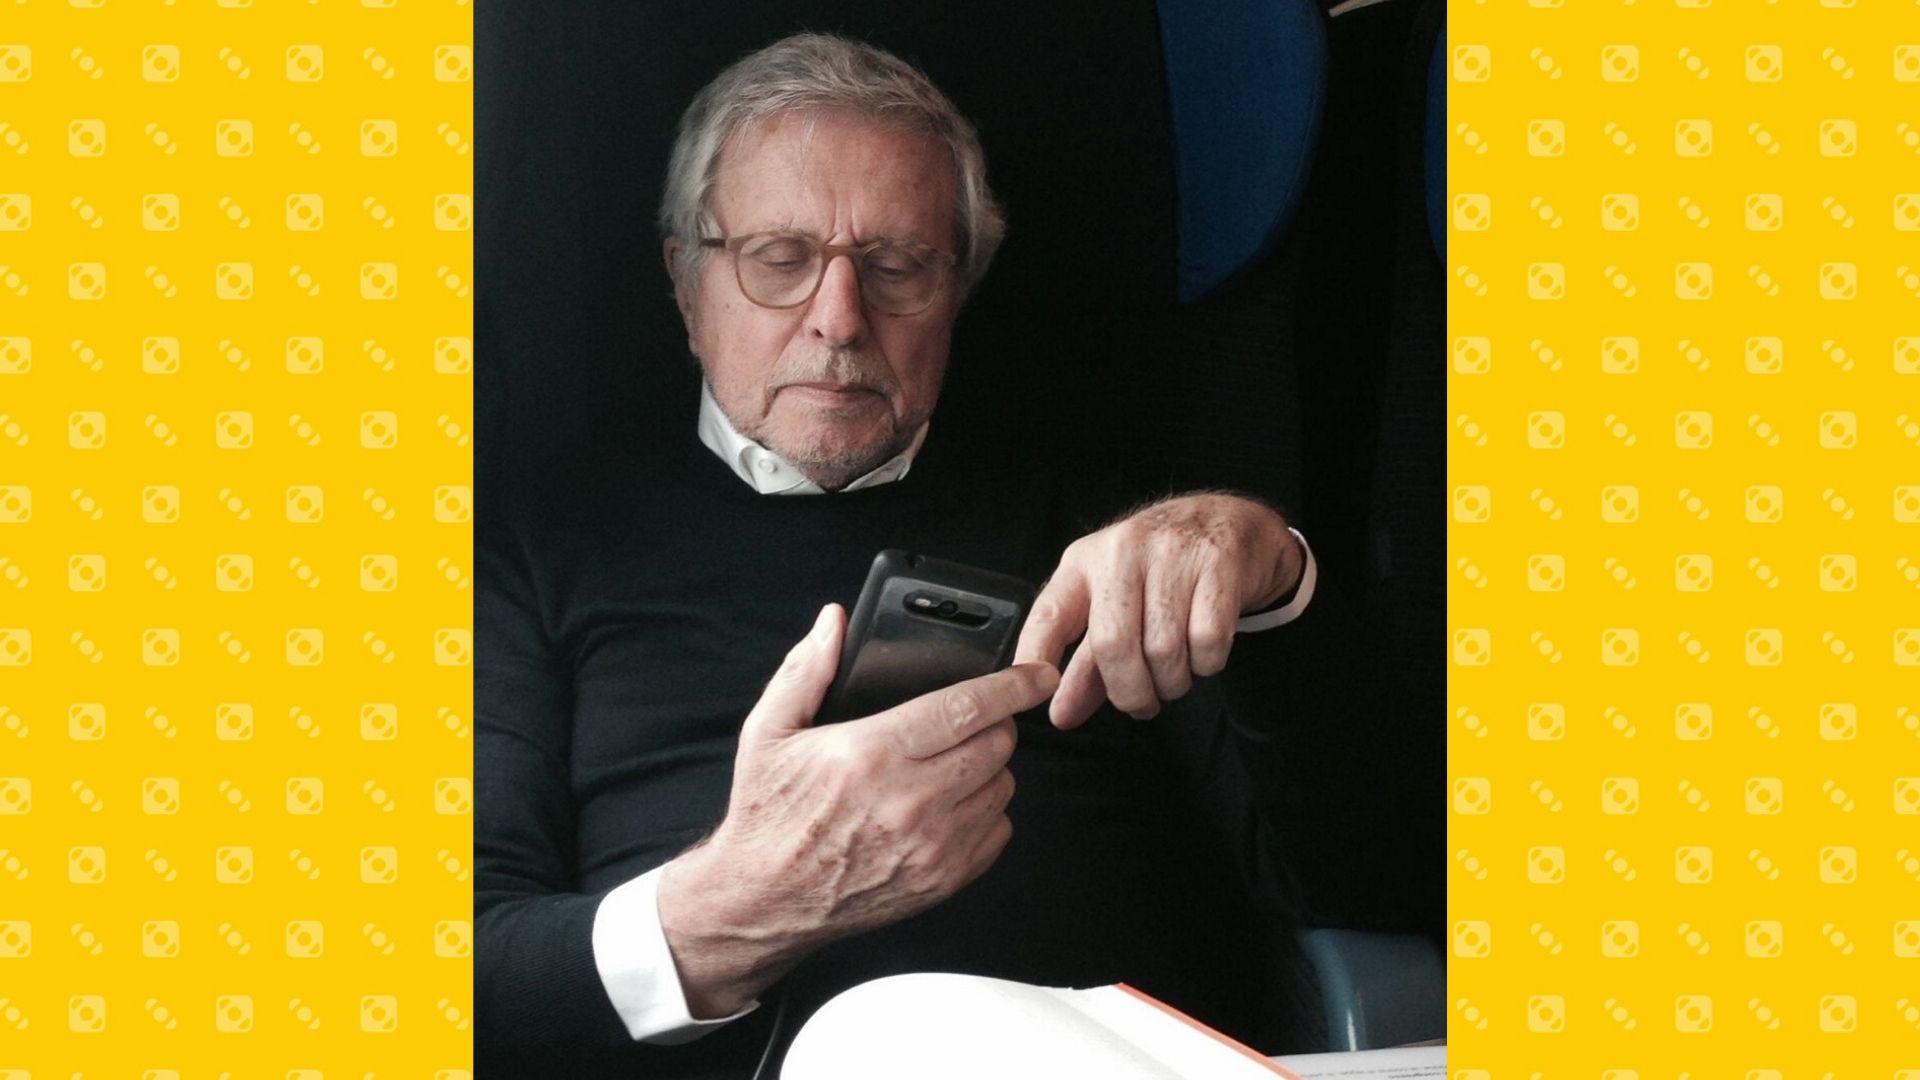 Addio a Carlo Flamigni: il ricordo di Maurizio Mori